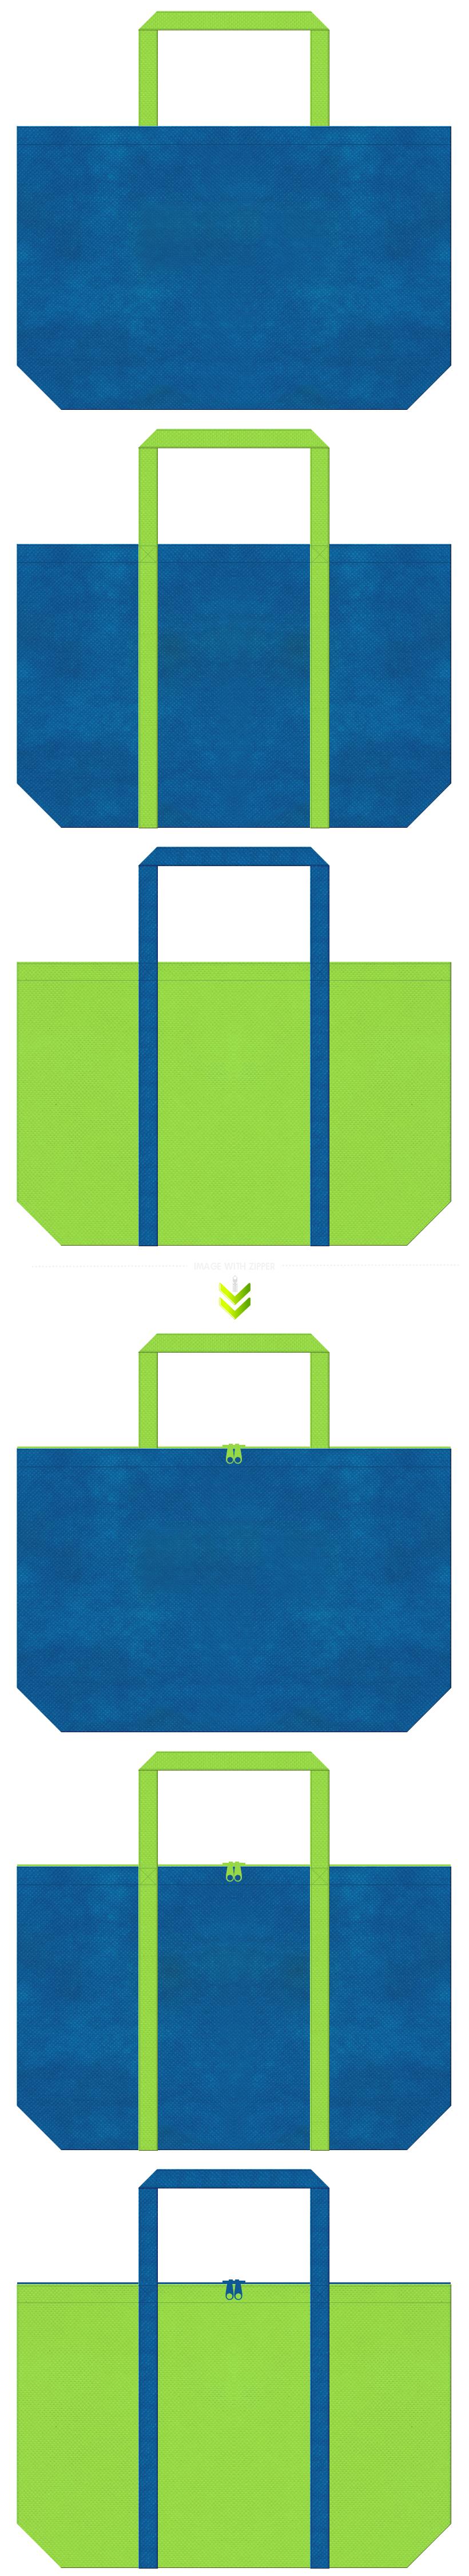 ロールプレイングゲーム・ゲームの展示会用バッグ・ユニフォーム・運動靴・アウトドア・サイクリング・ロードレース・スノーボード・スポーツイベント・スポーツ用品のショッピングバッグにお奨めの不織布バッグデザイン:青色と黄緑色のコーデ